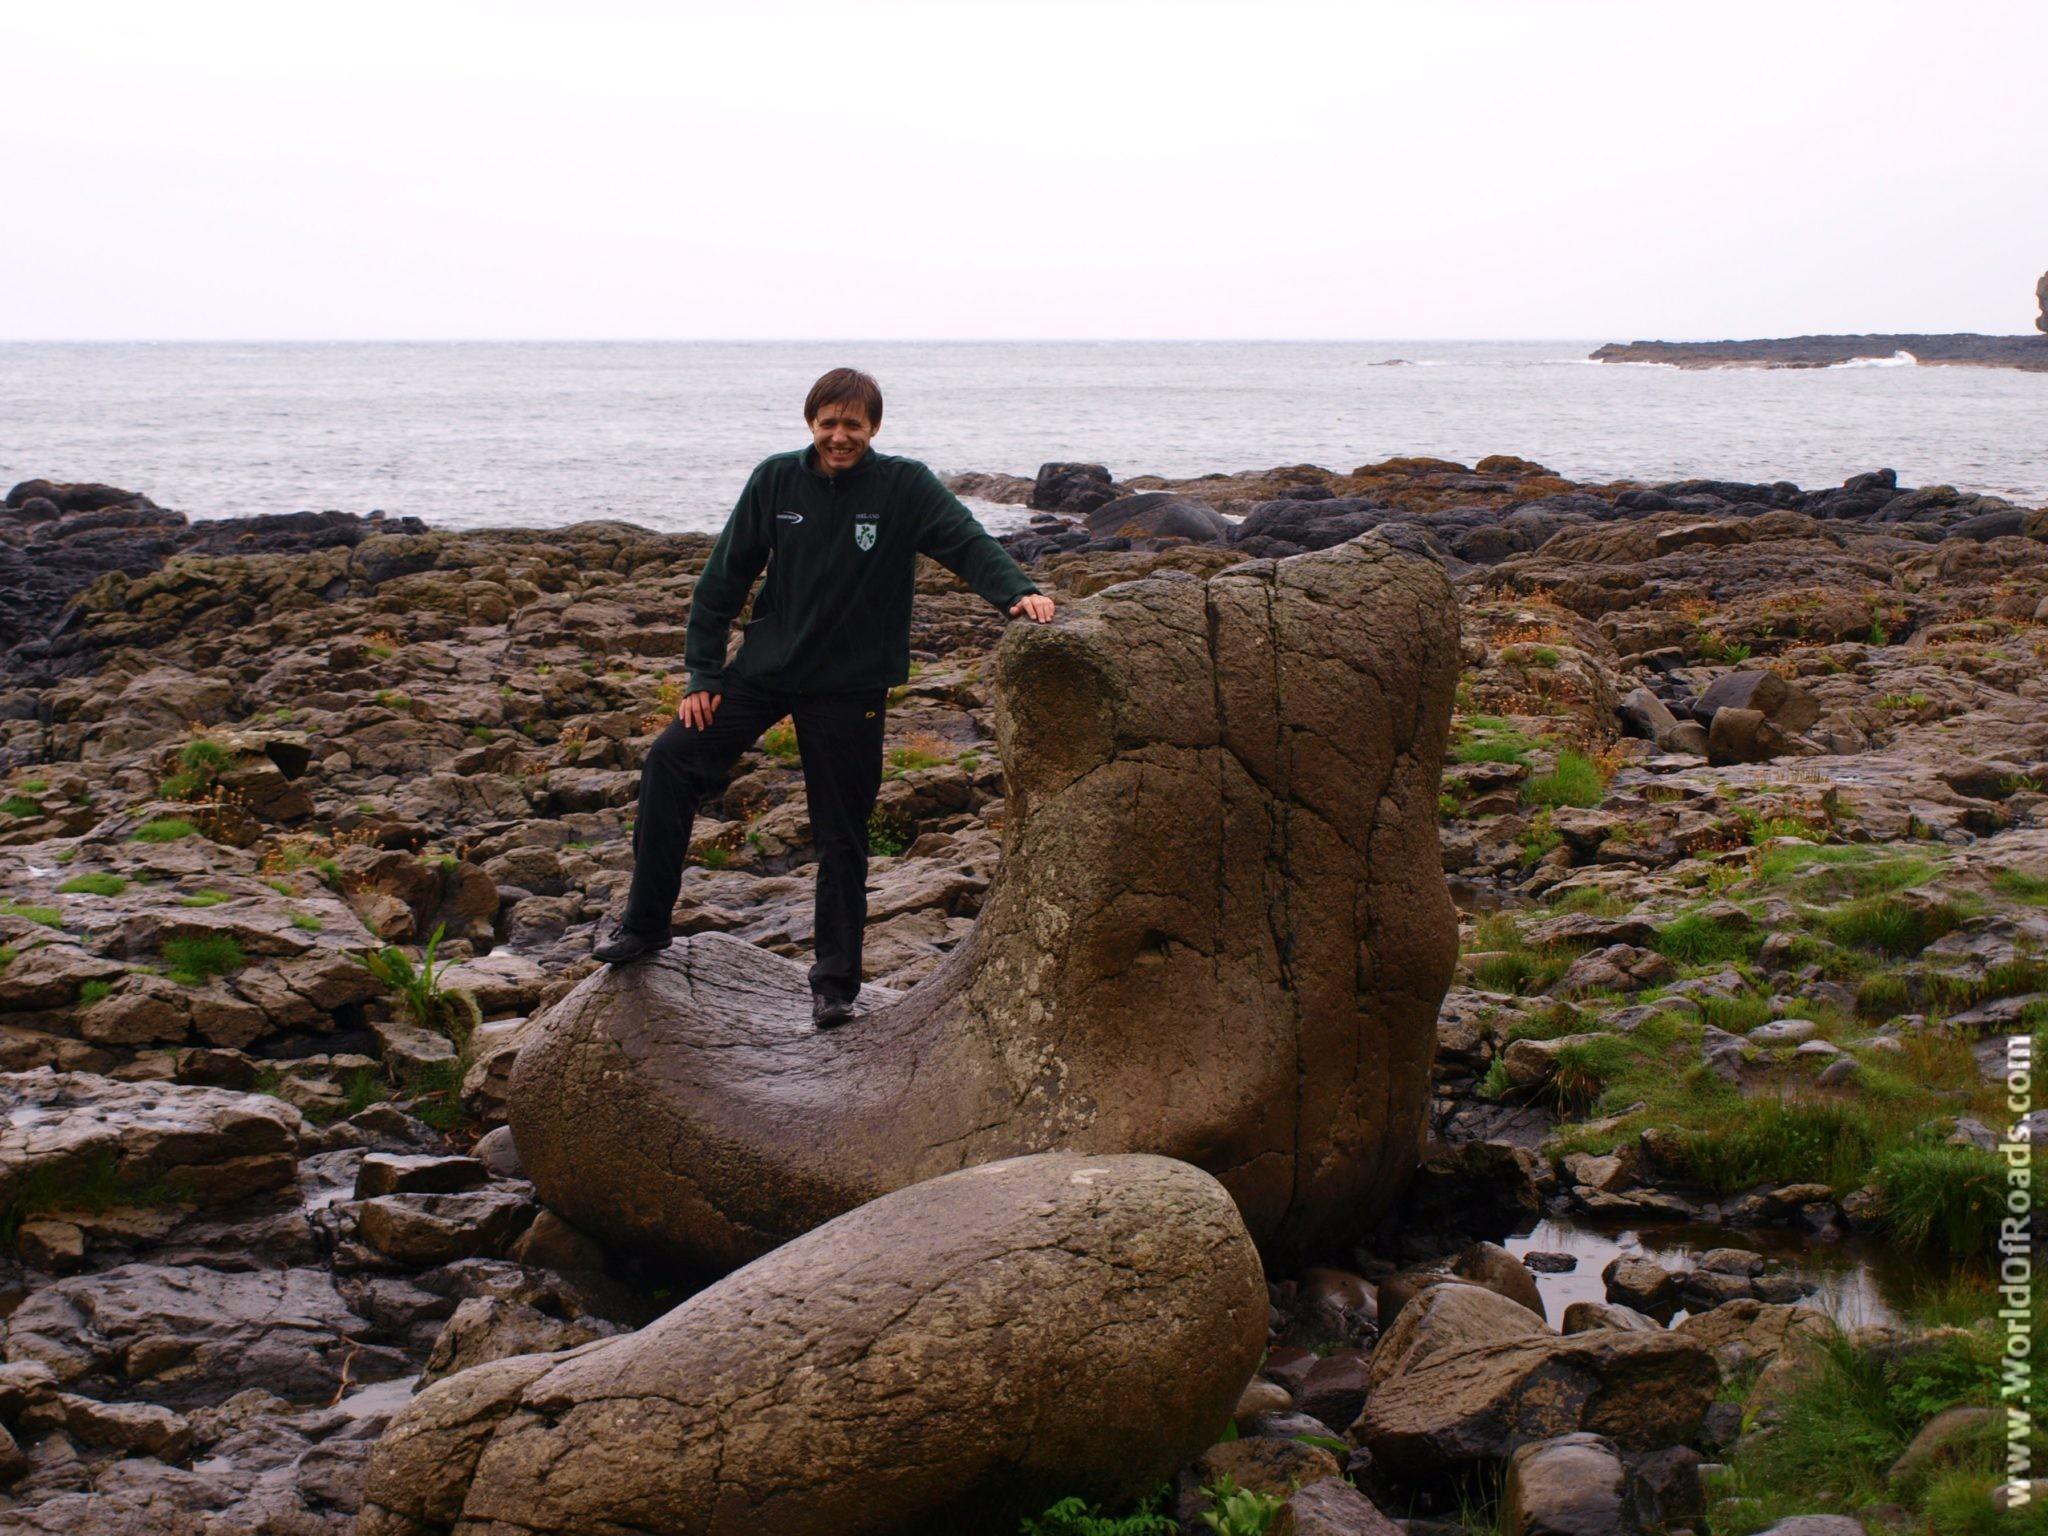 Ботинок Гиганта. Тропа Гиганта (Giant's Causeway). Северная Ирландия.